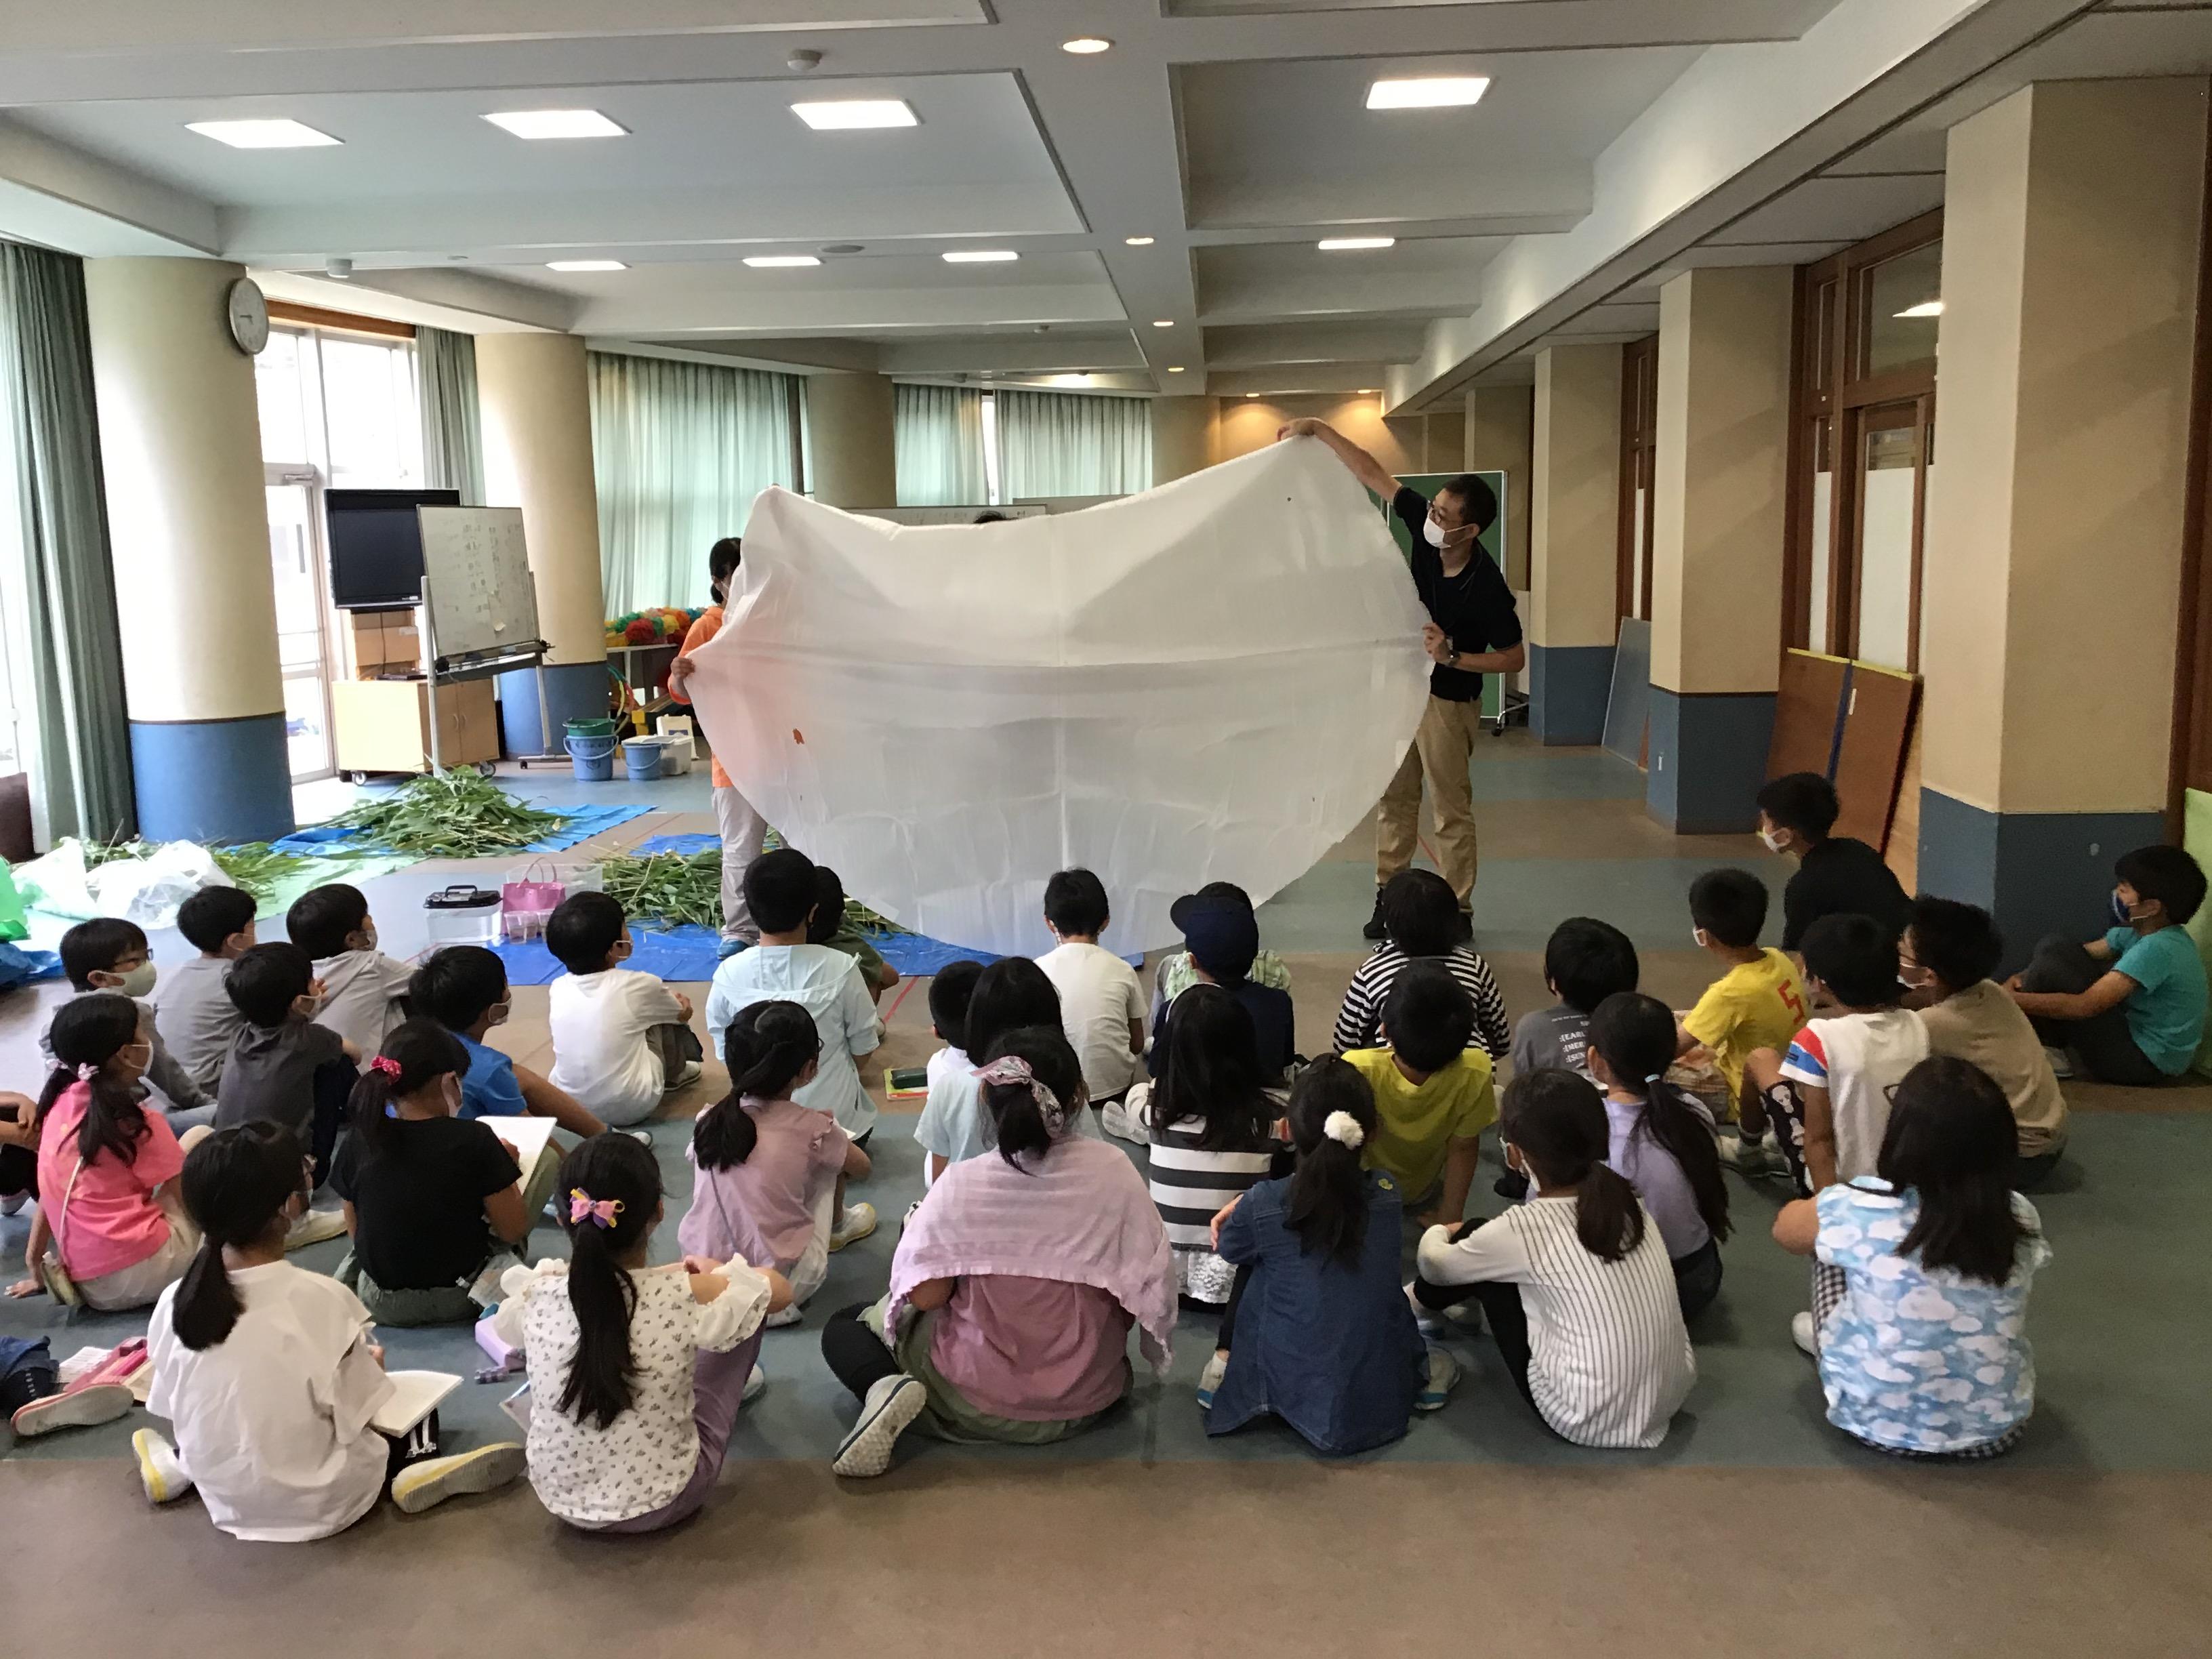 今度は、富山県(寒い地域では大きくなるんだって)で確認された日本最大のオニバスの葉。直径2.7メートル。わぉ~。子ども達も歓声。